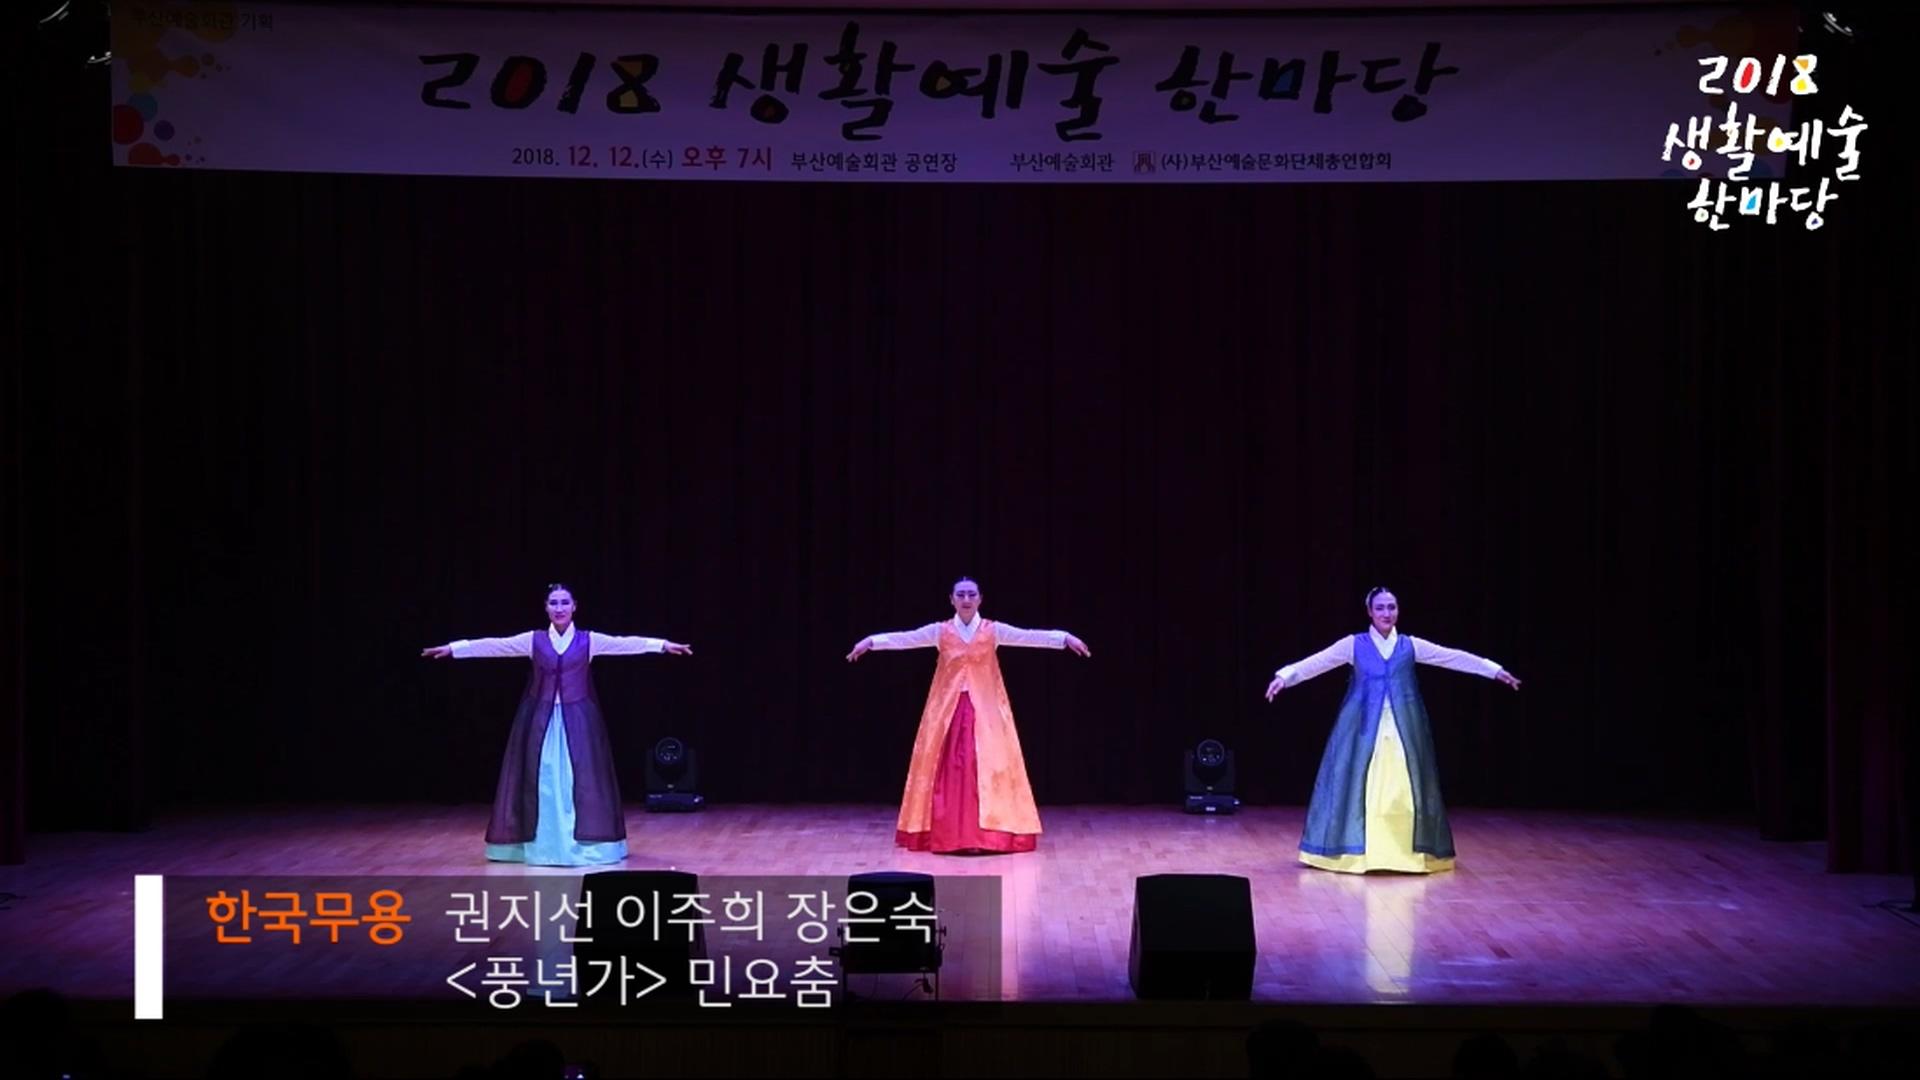 2018 생활예술한마당.mp4_20181218_003453.825.jpg